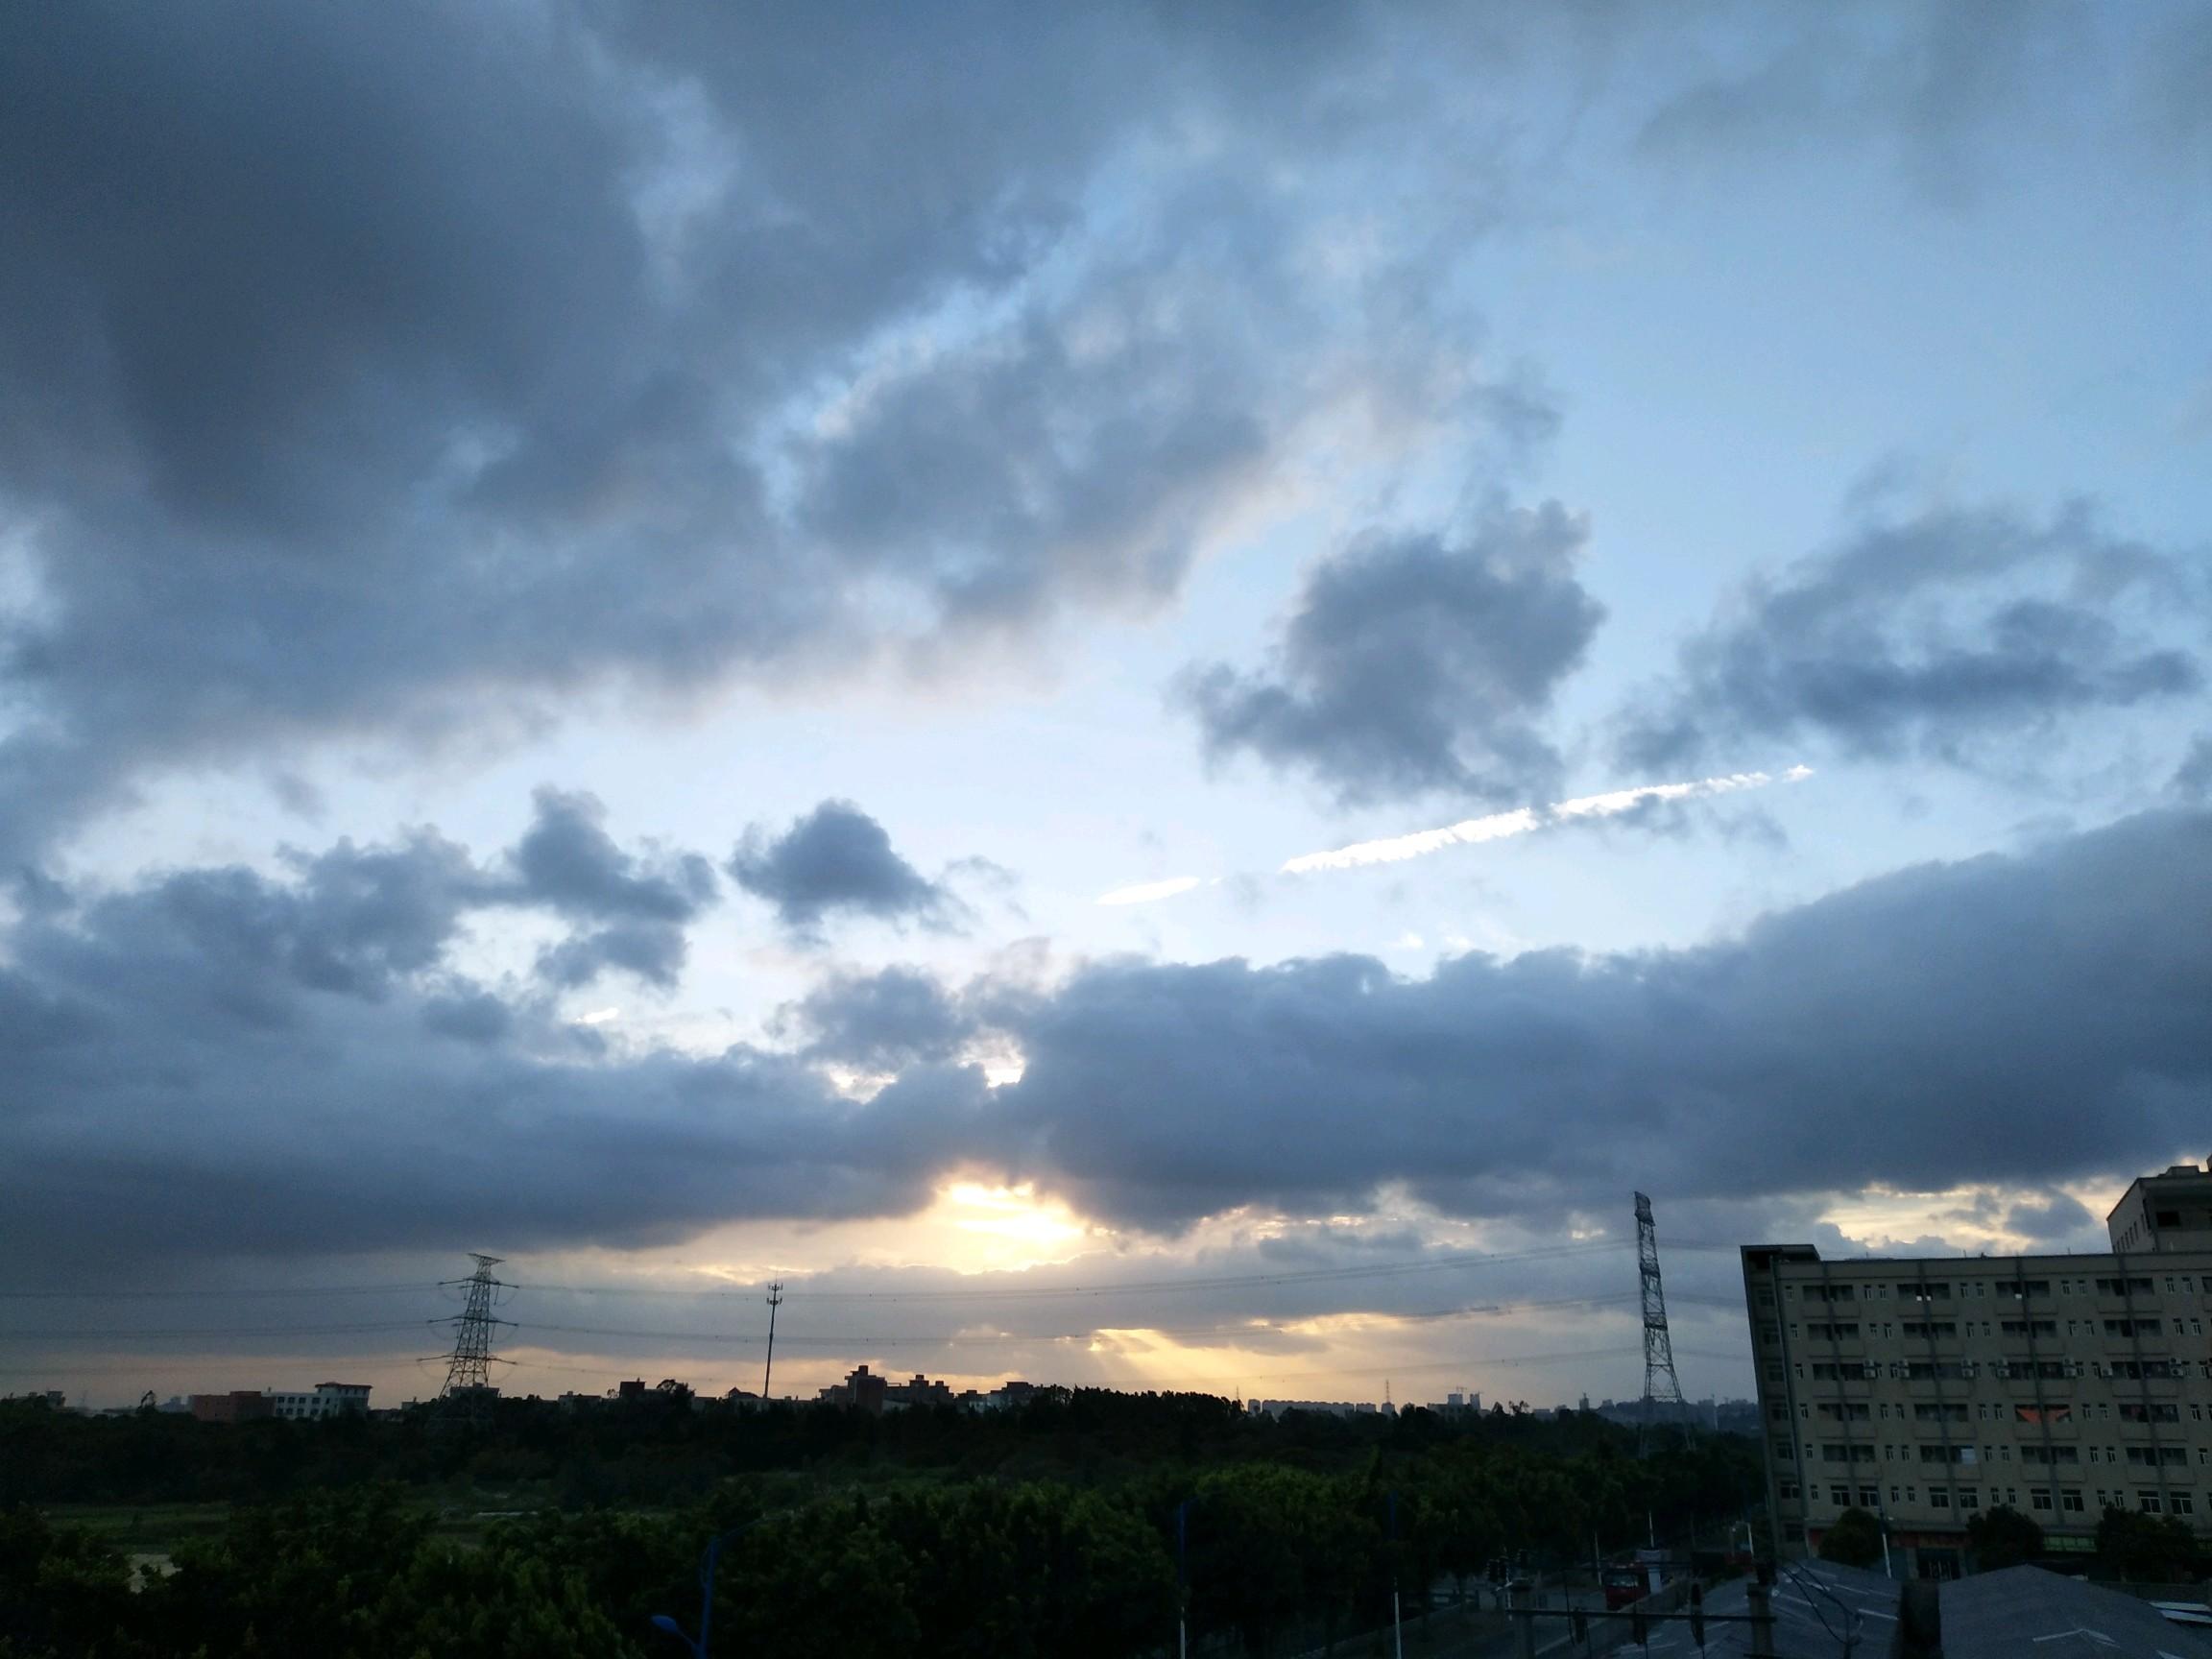 【城市夜景】乡村夜景